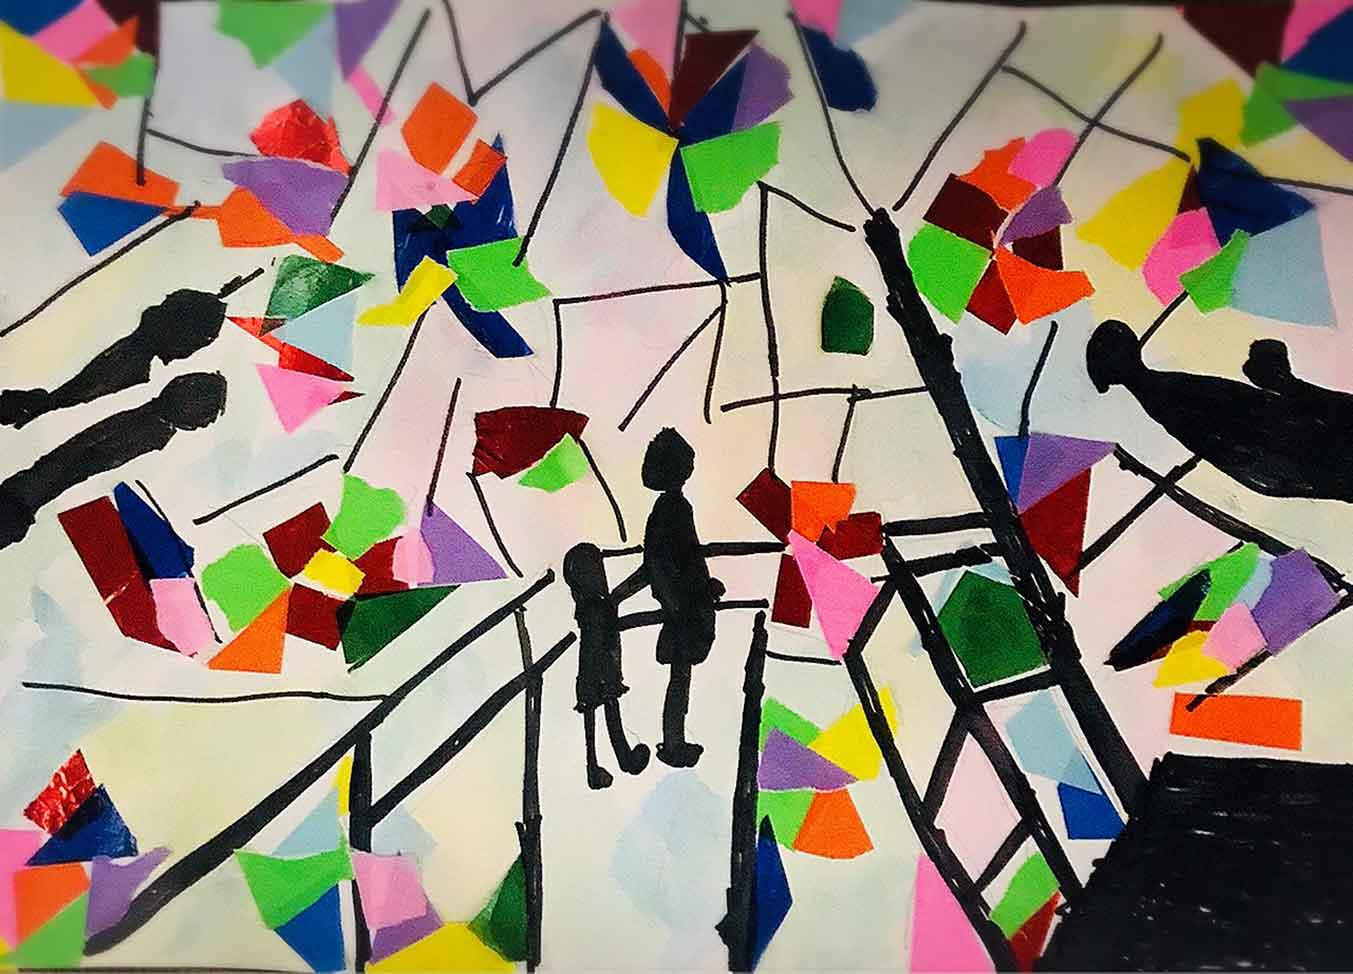 巨大万華鏡に入った時の様子を 折り紙で貼り絵と絵の具で表現